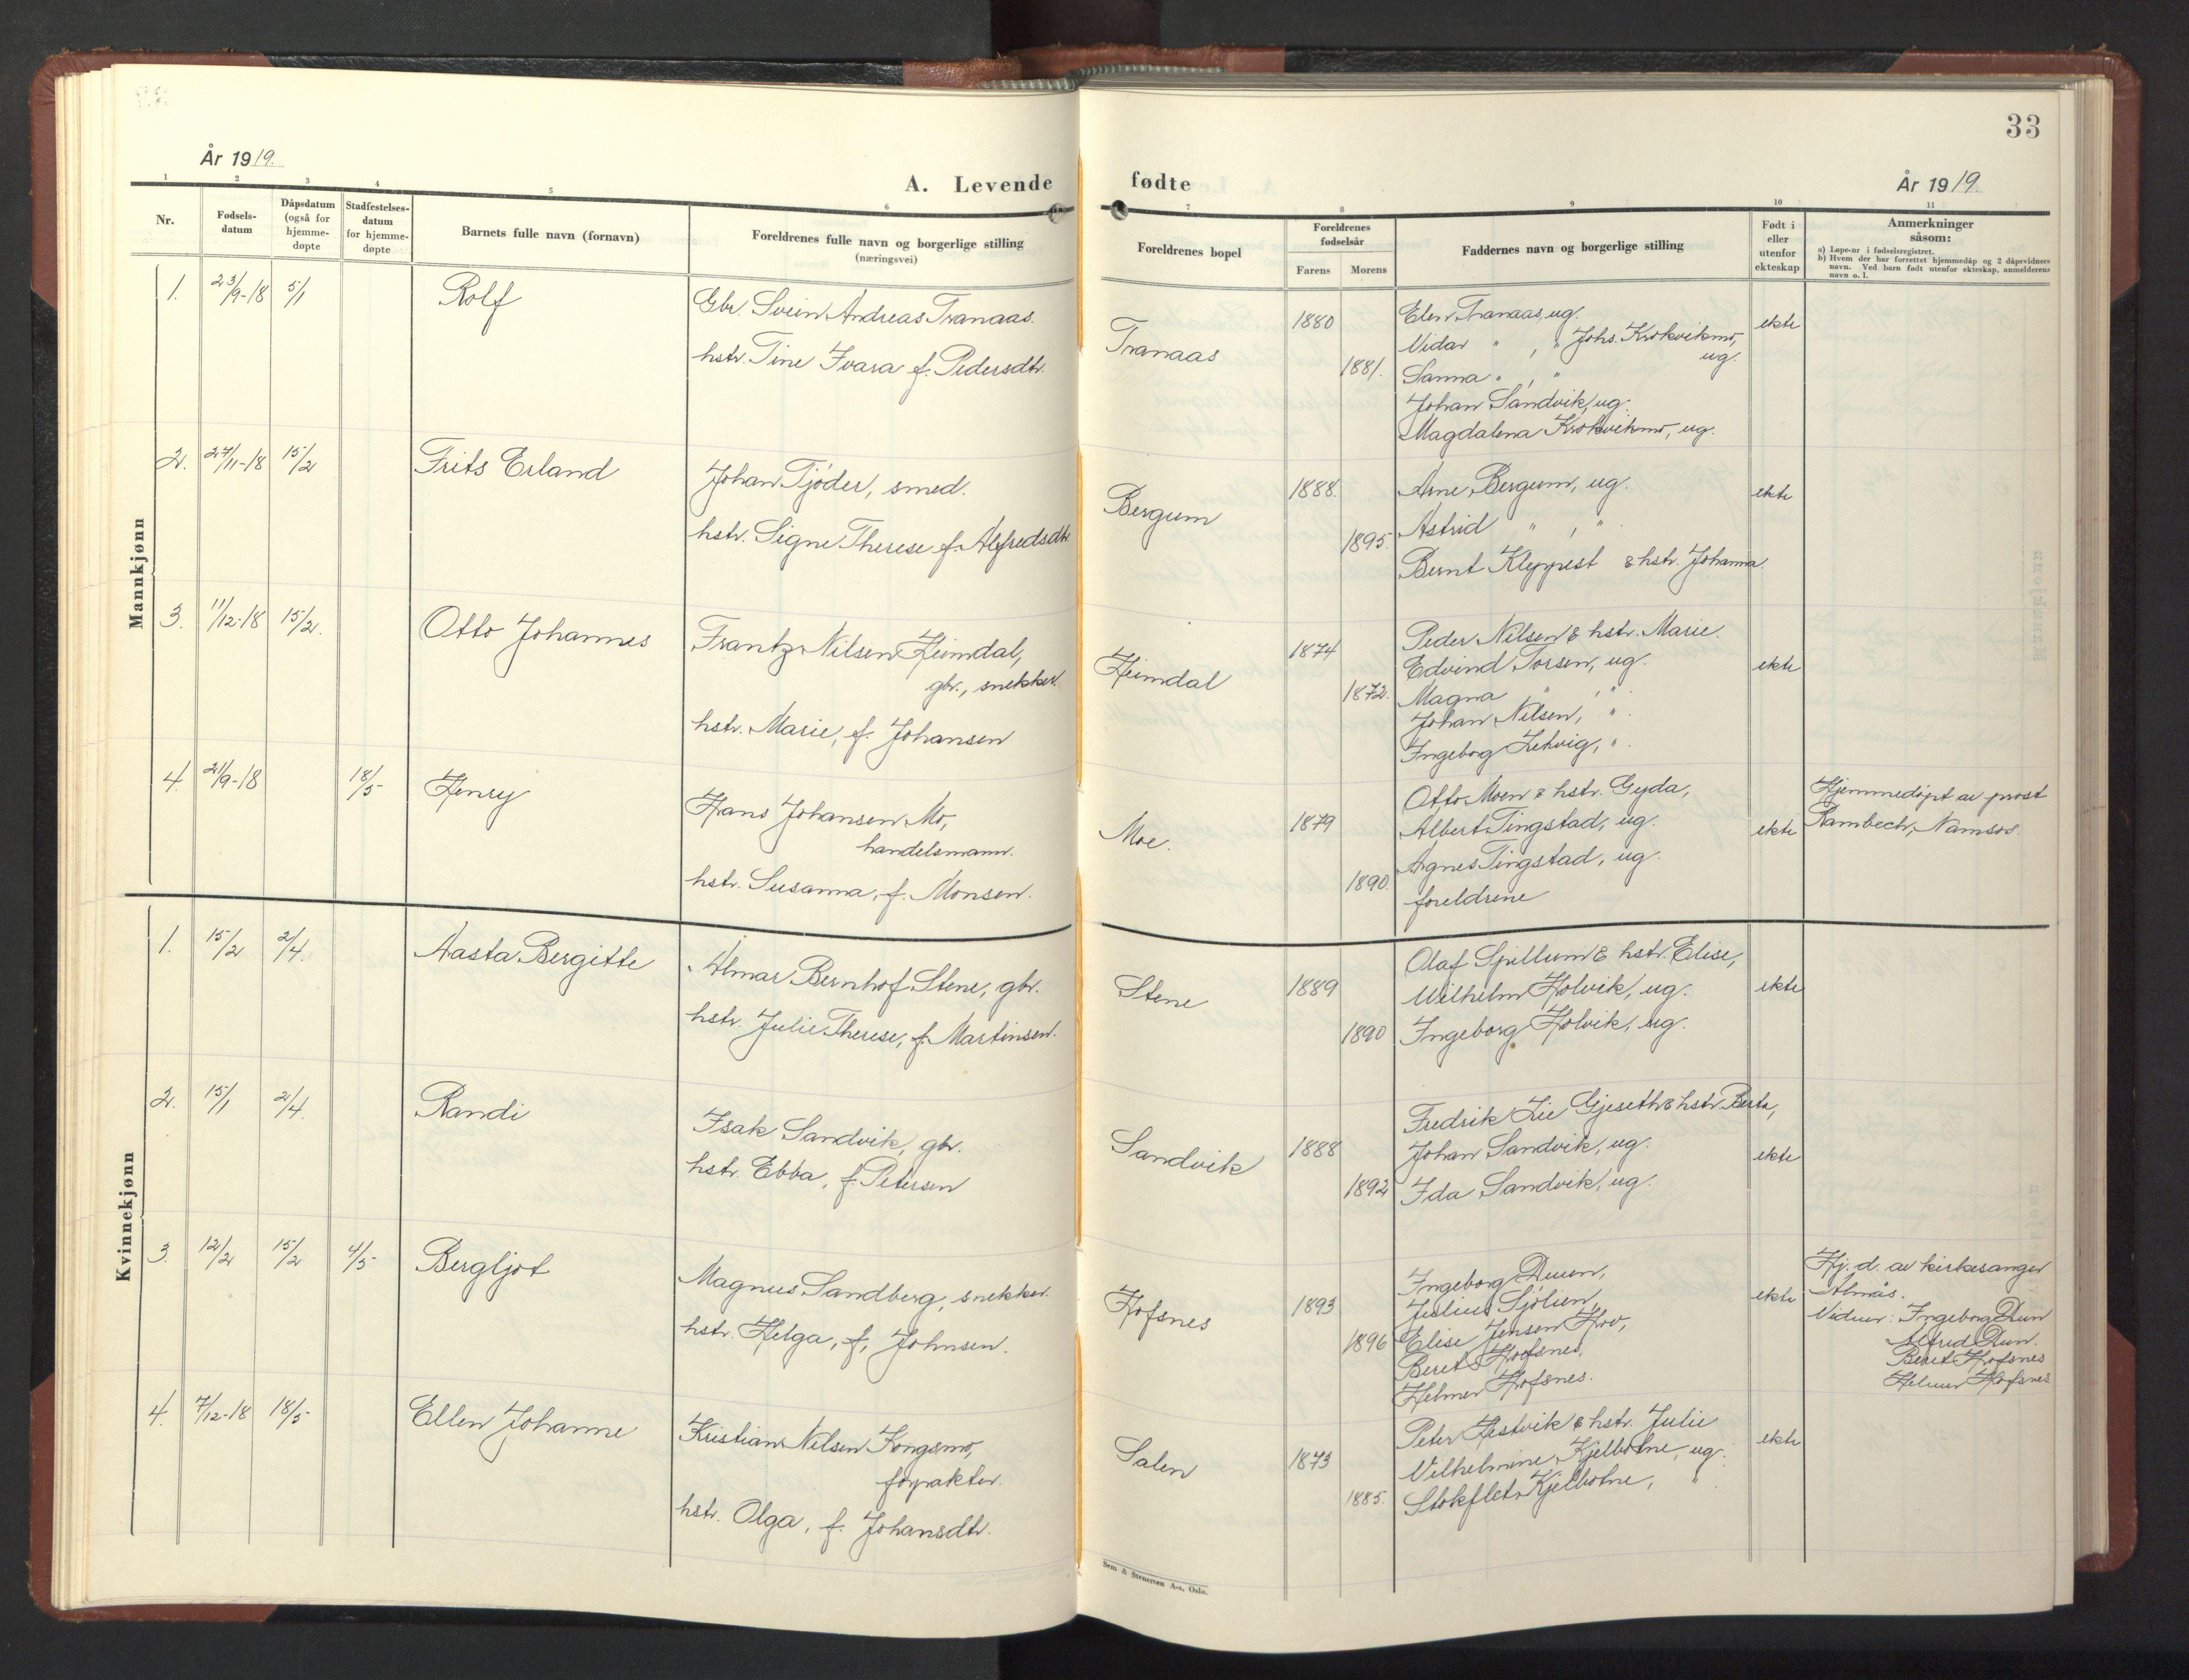 SAT, Ministerialprotokoller, klokkerbøker og fødselsregistre - Nord-Trøndelag, 773/L0625: Klokkerbok nr. 773C01, 1910-1952, s. 33